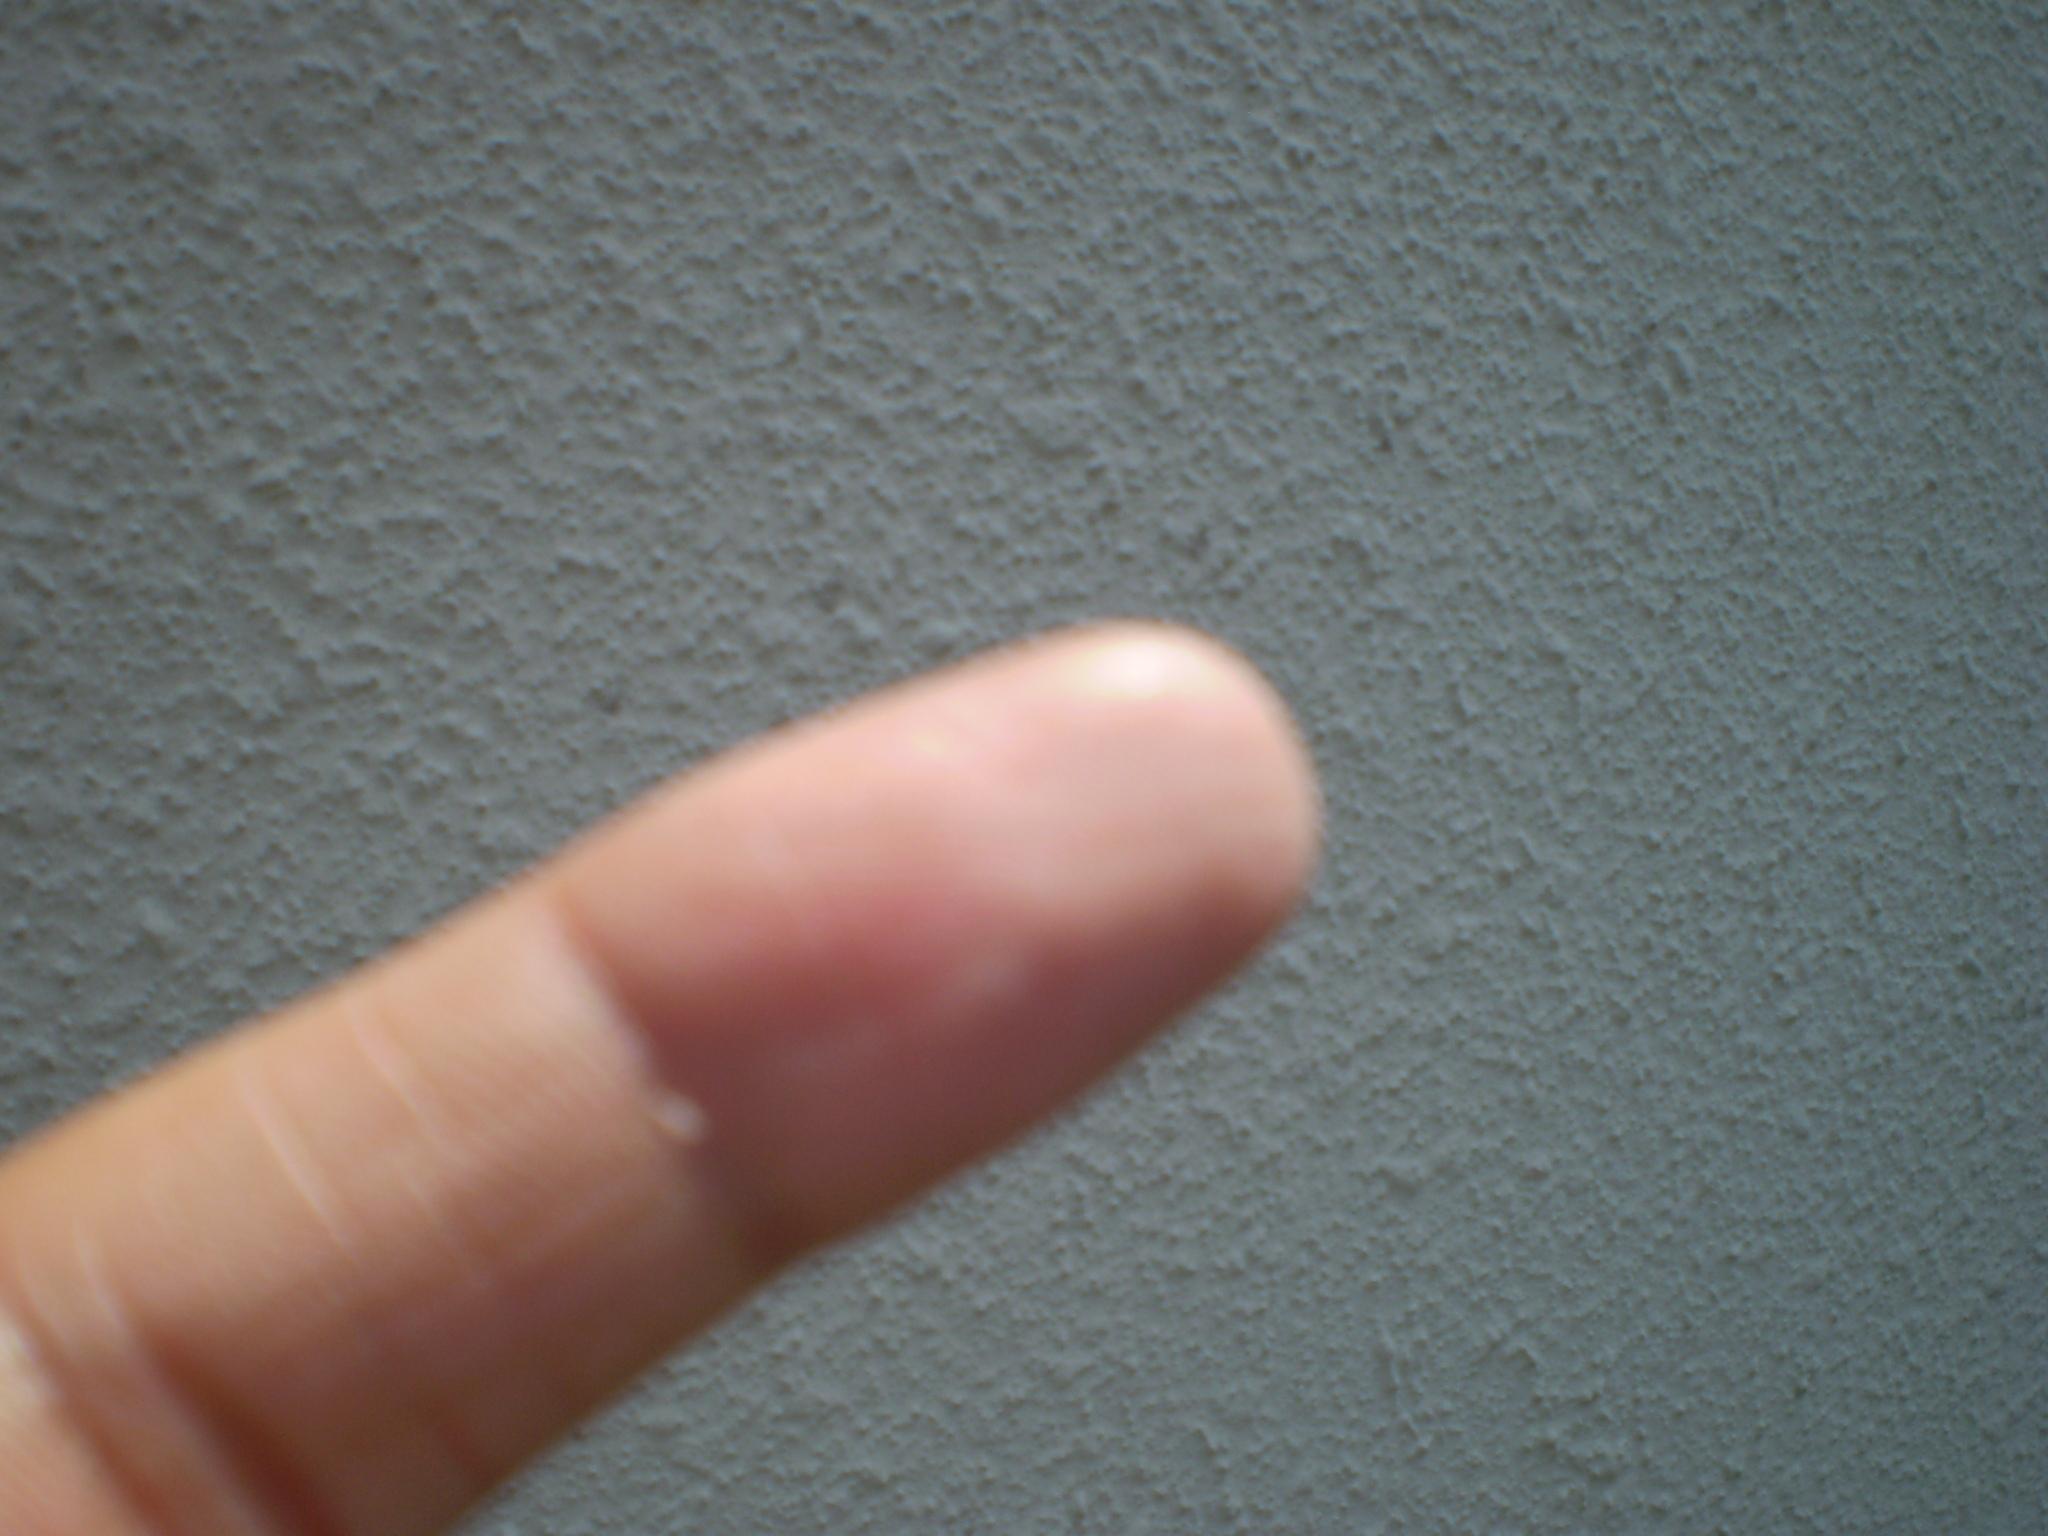 人差し指でなぞっても塗料が劣化していないことがわかります。